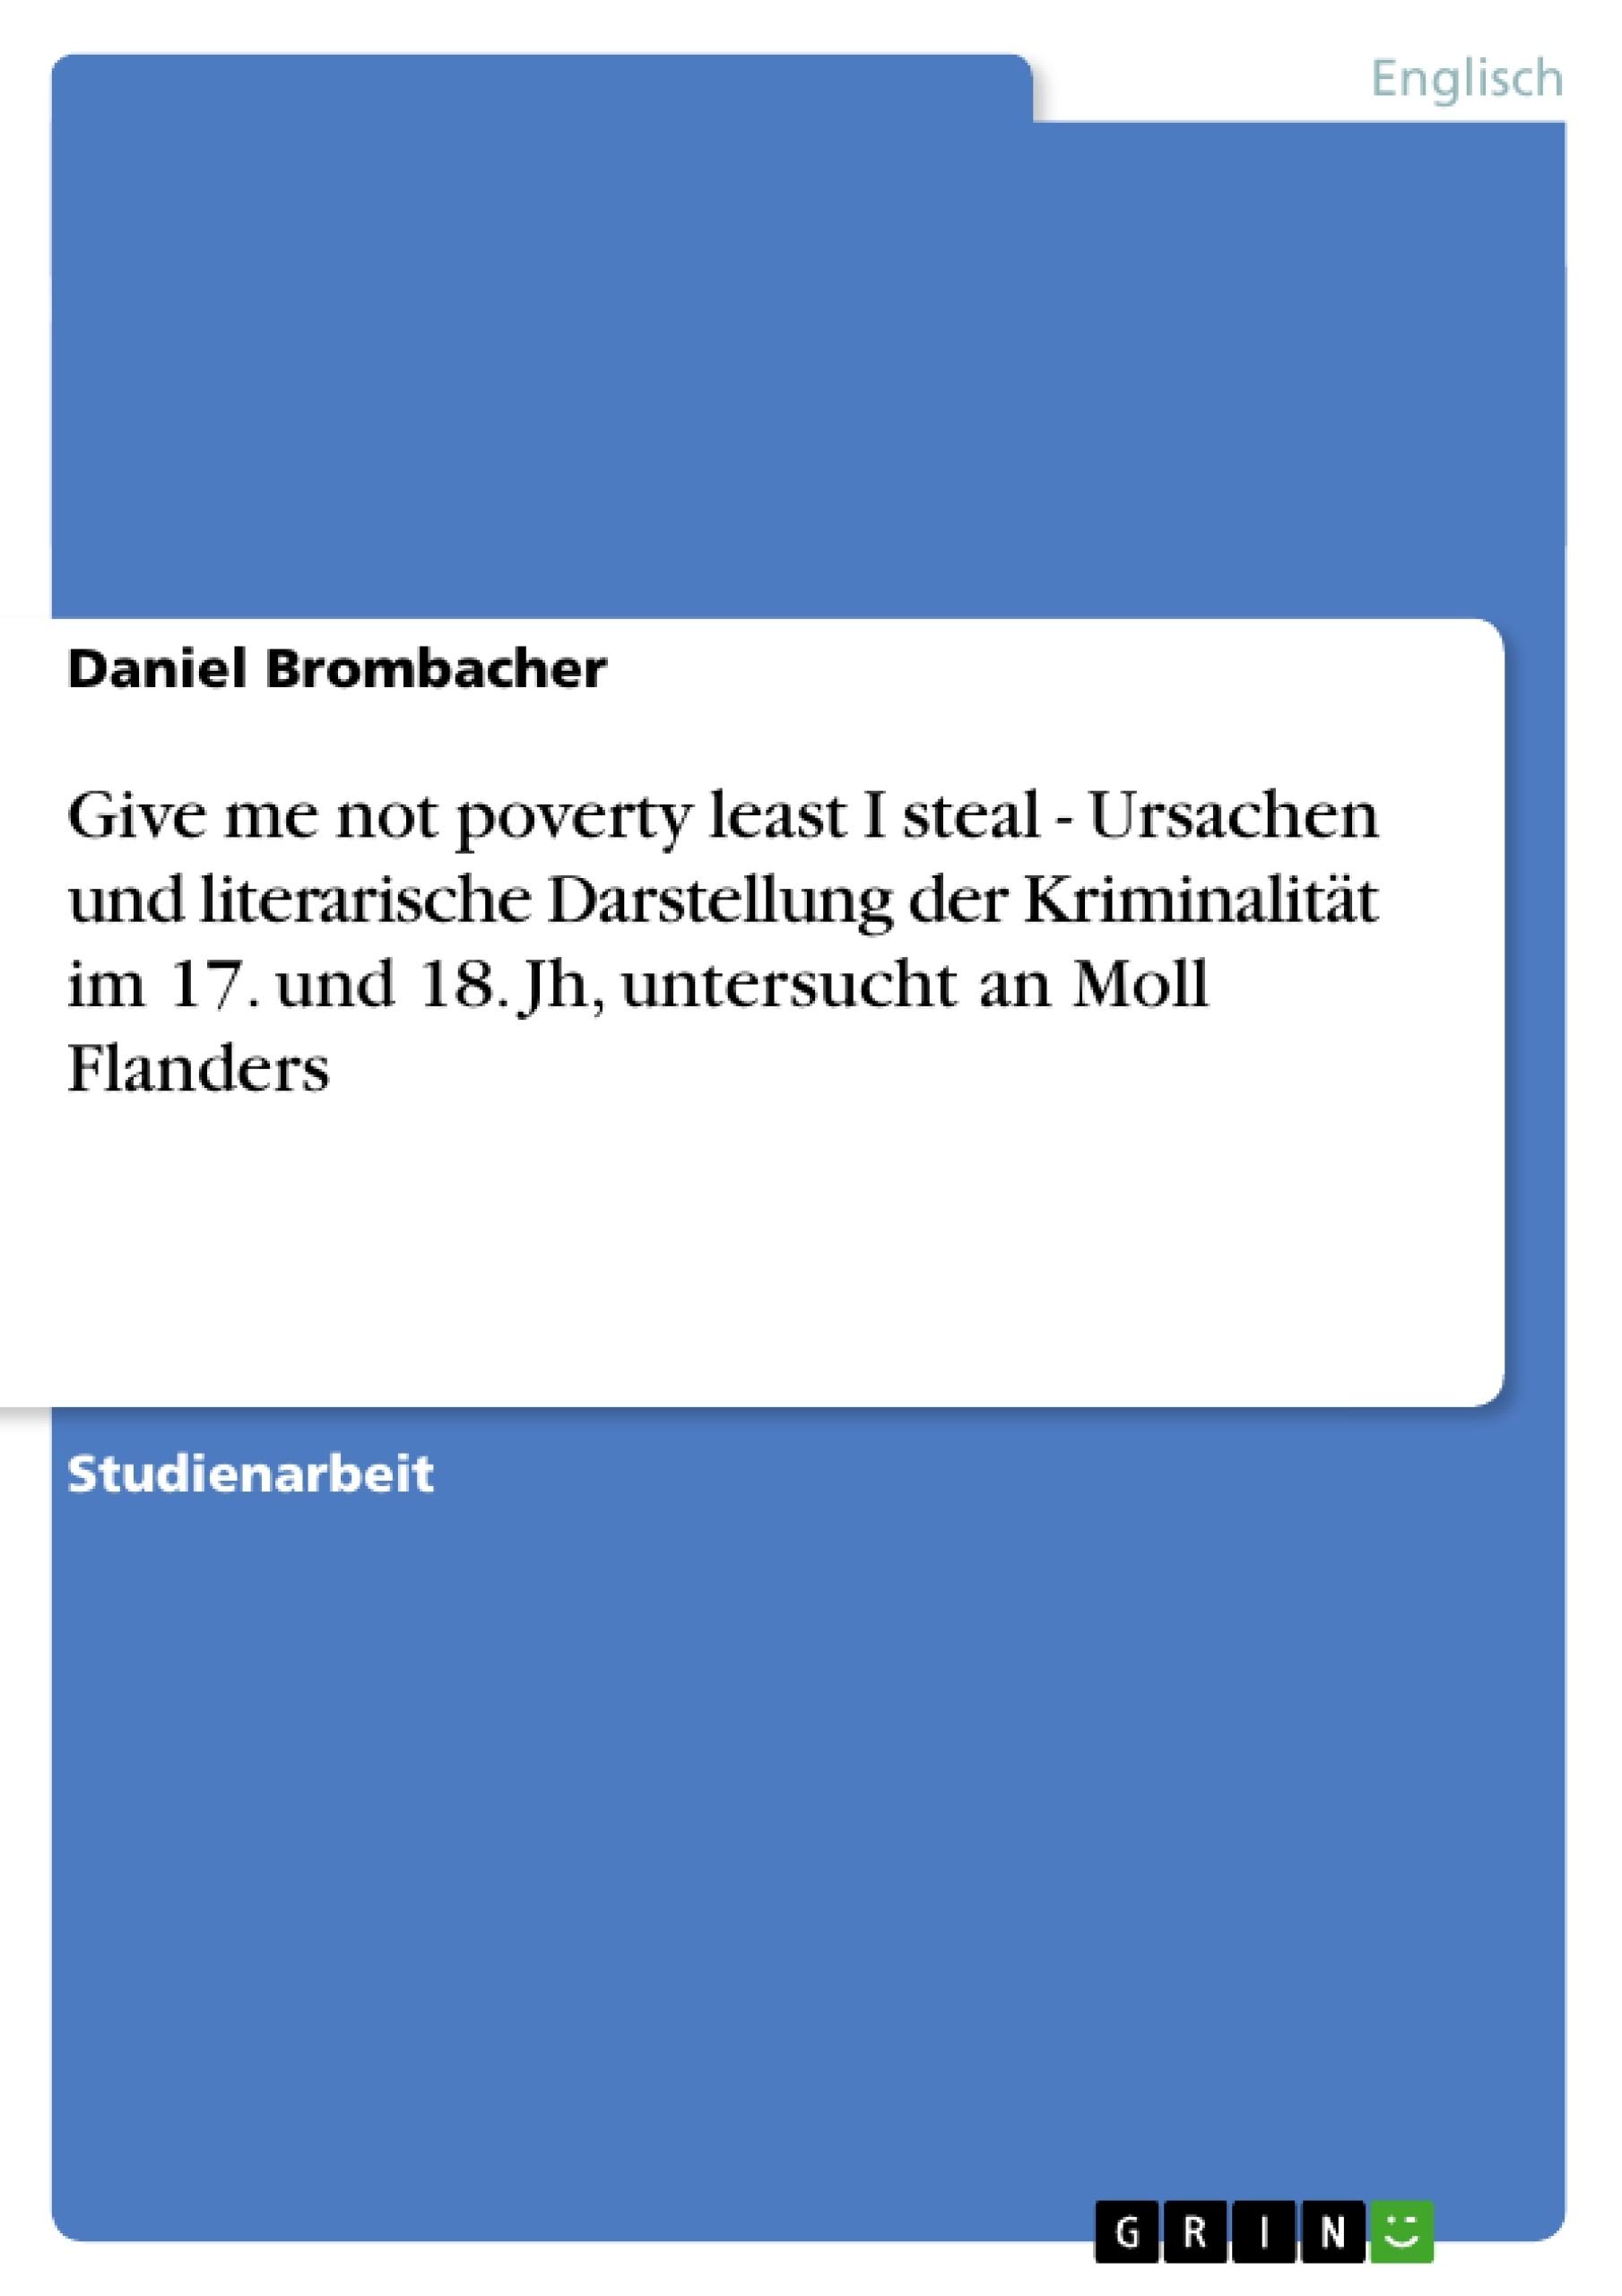 Titel: Give me not poverty least I steal - Ursachen und literarische Darstellung der Kriminalität im 17. und 18. Jh, untersucht an Moll Flanders